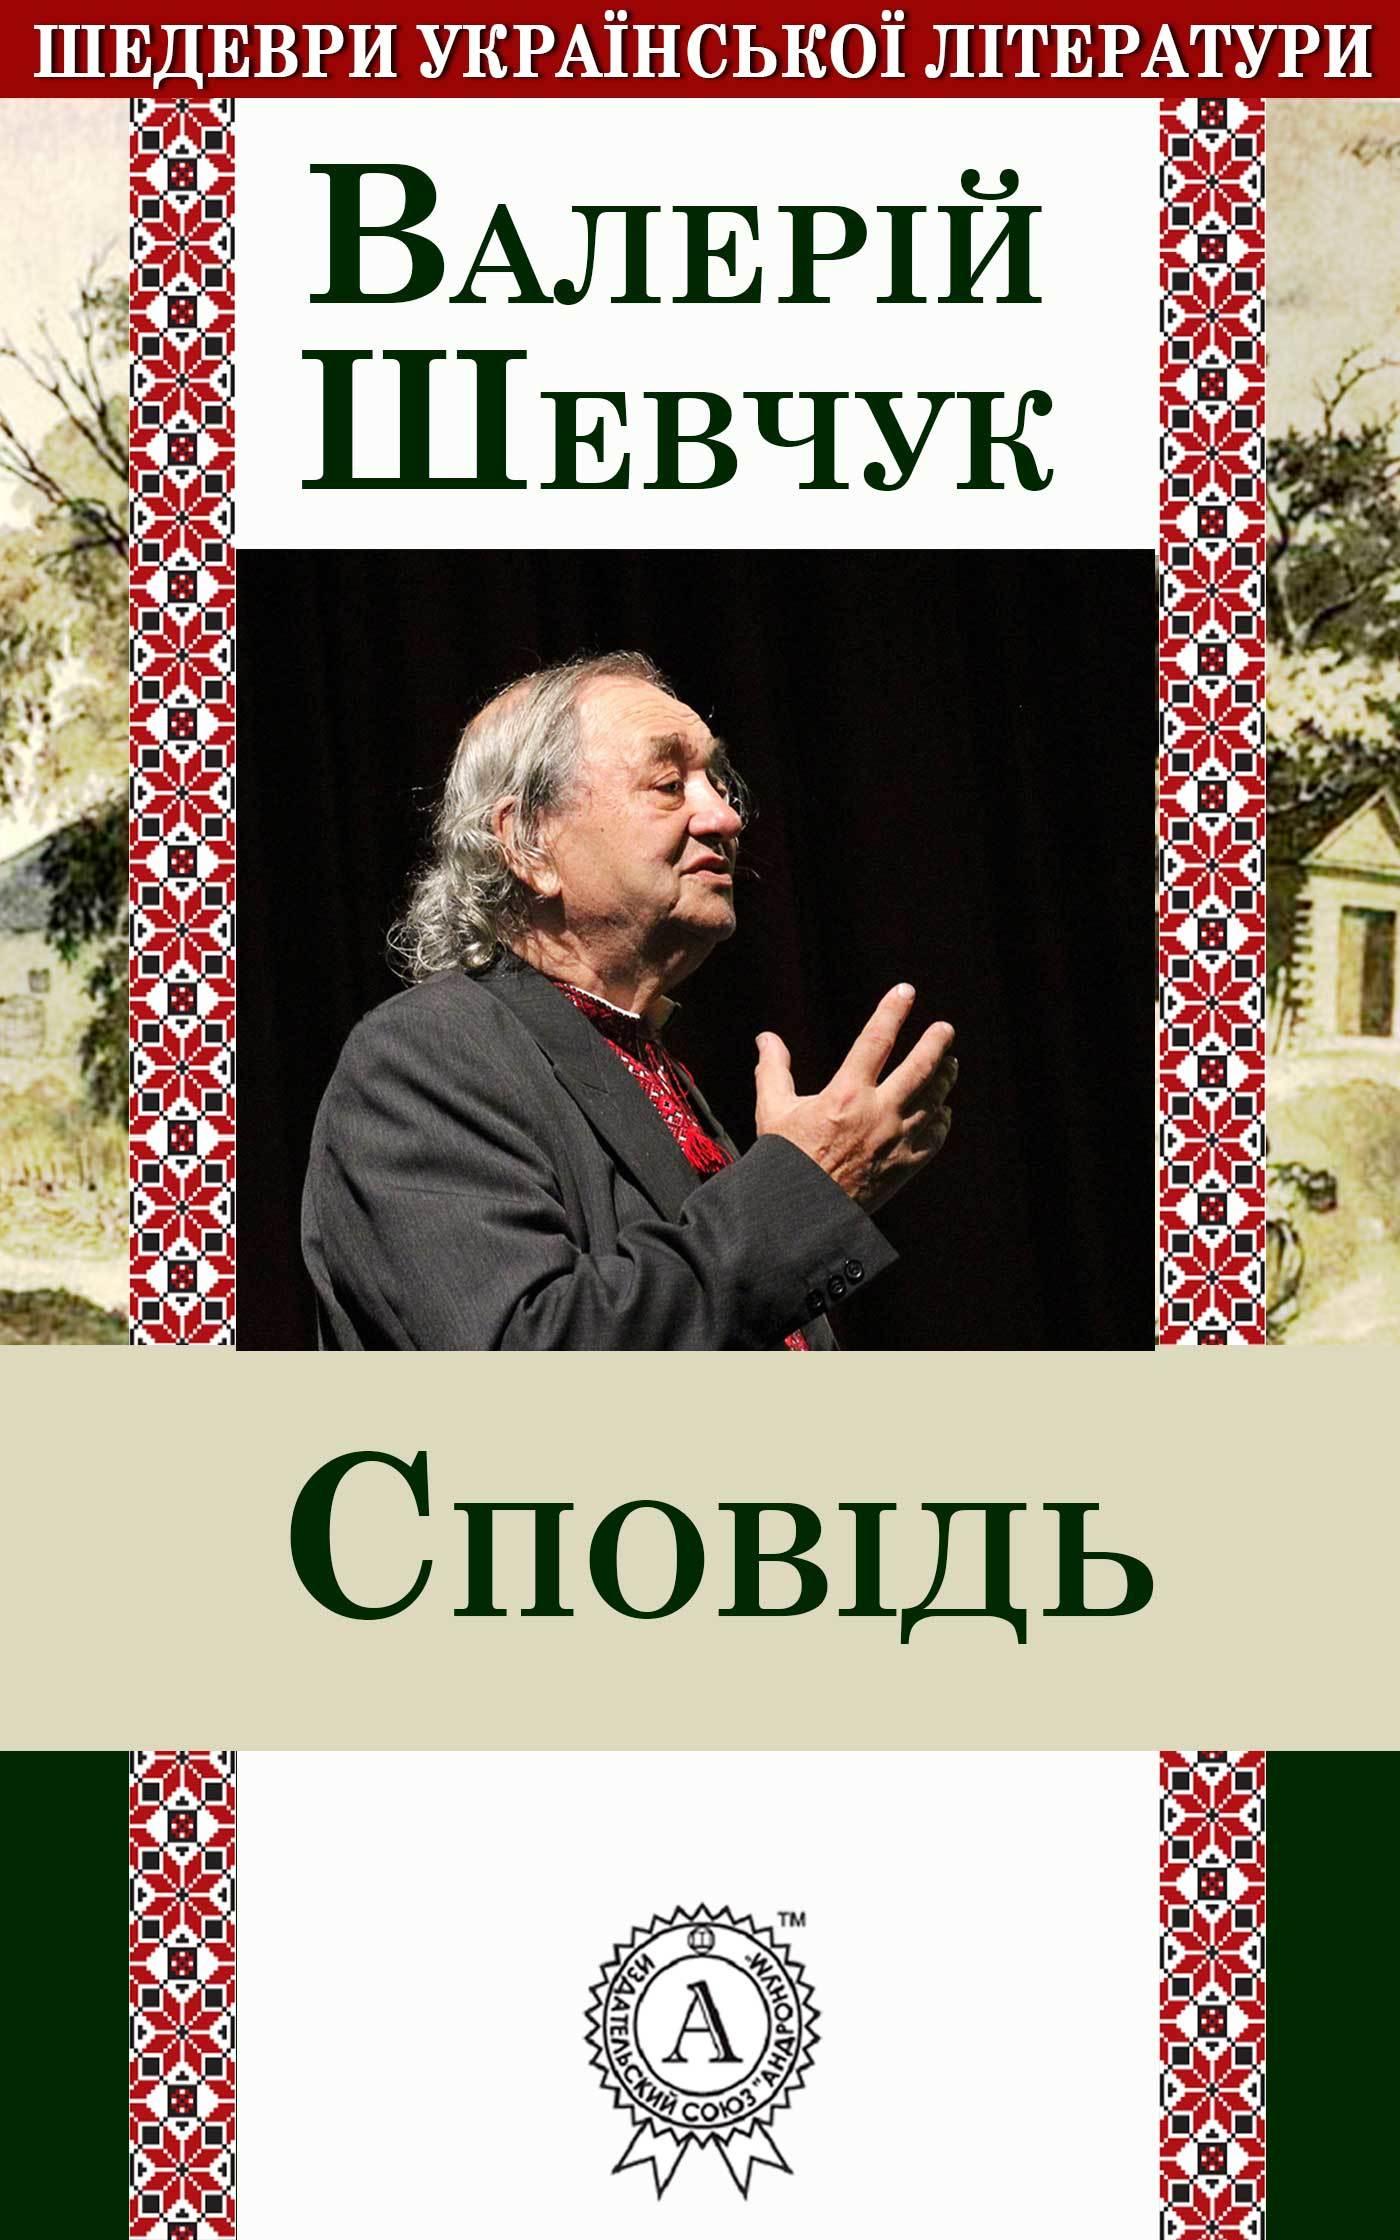 Валерій Шевчук Сповідь валерій шевчук дім на горі